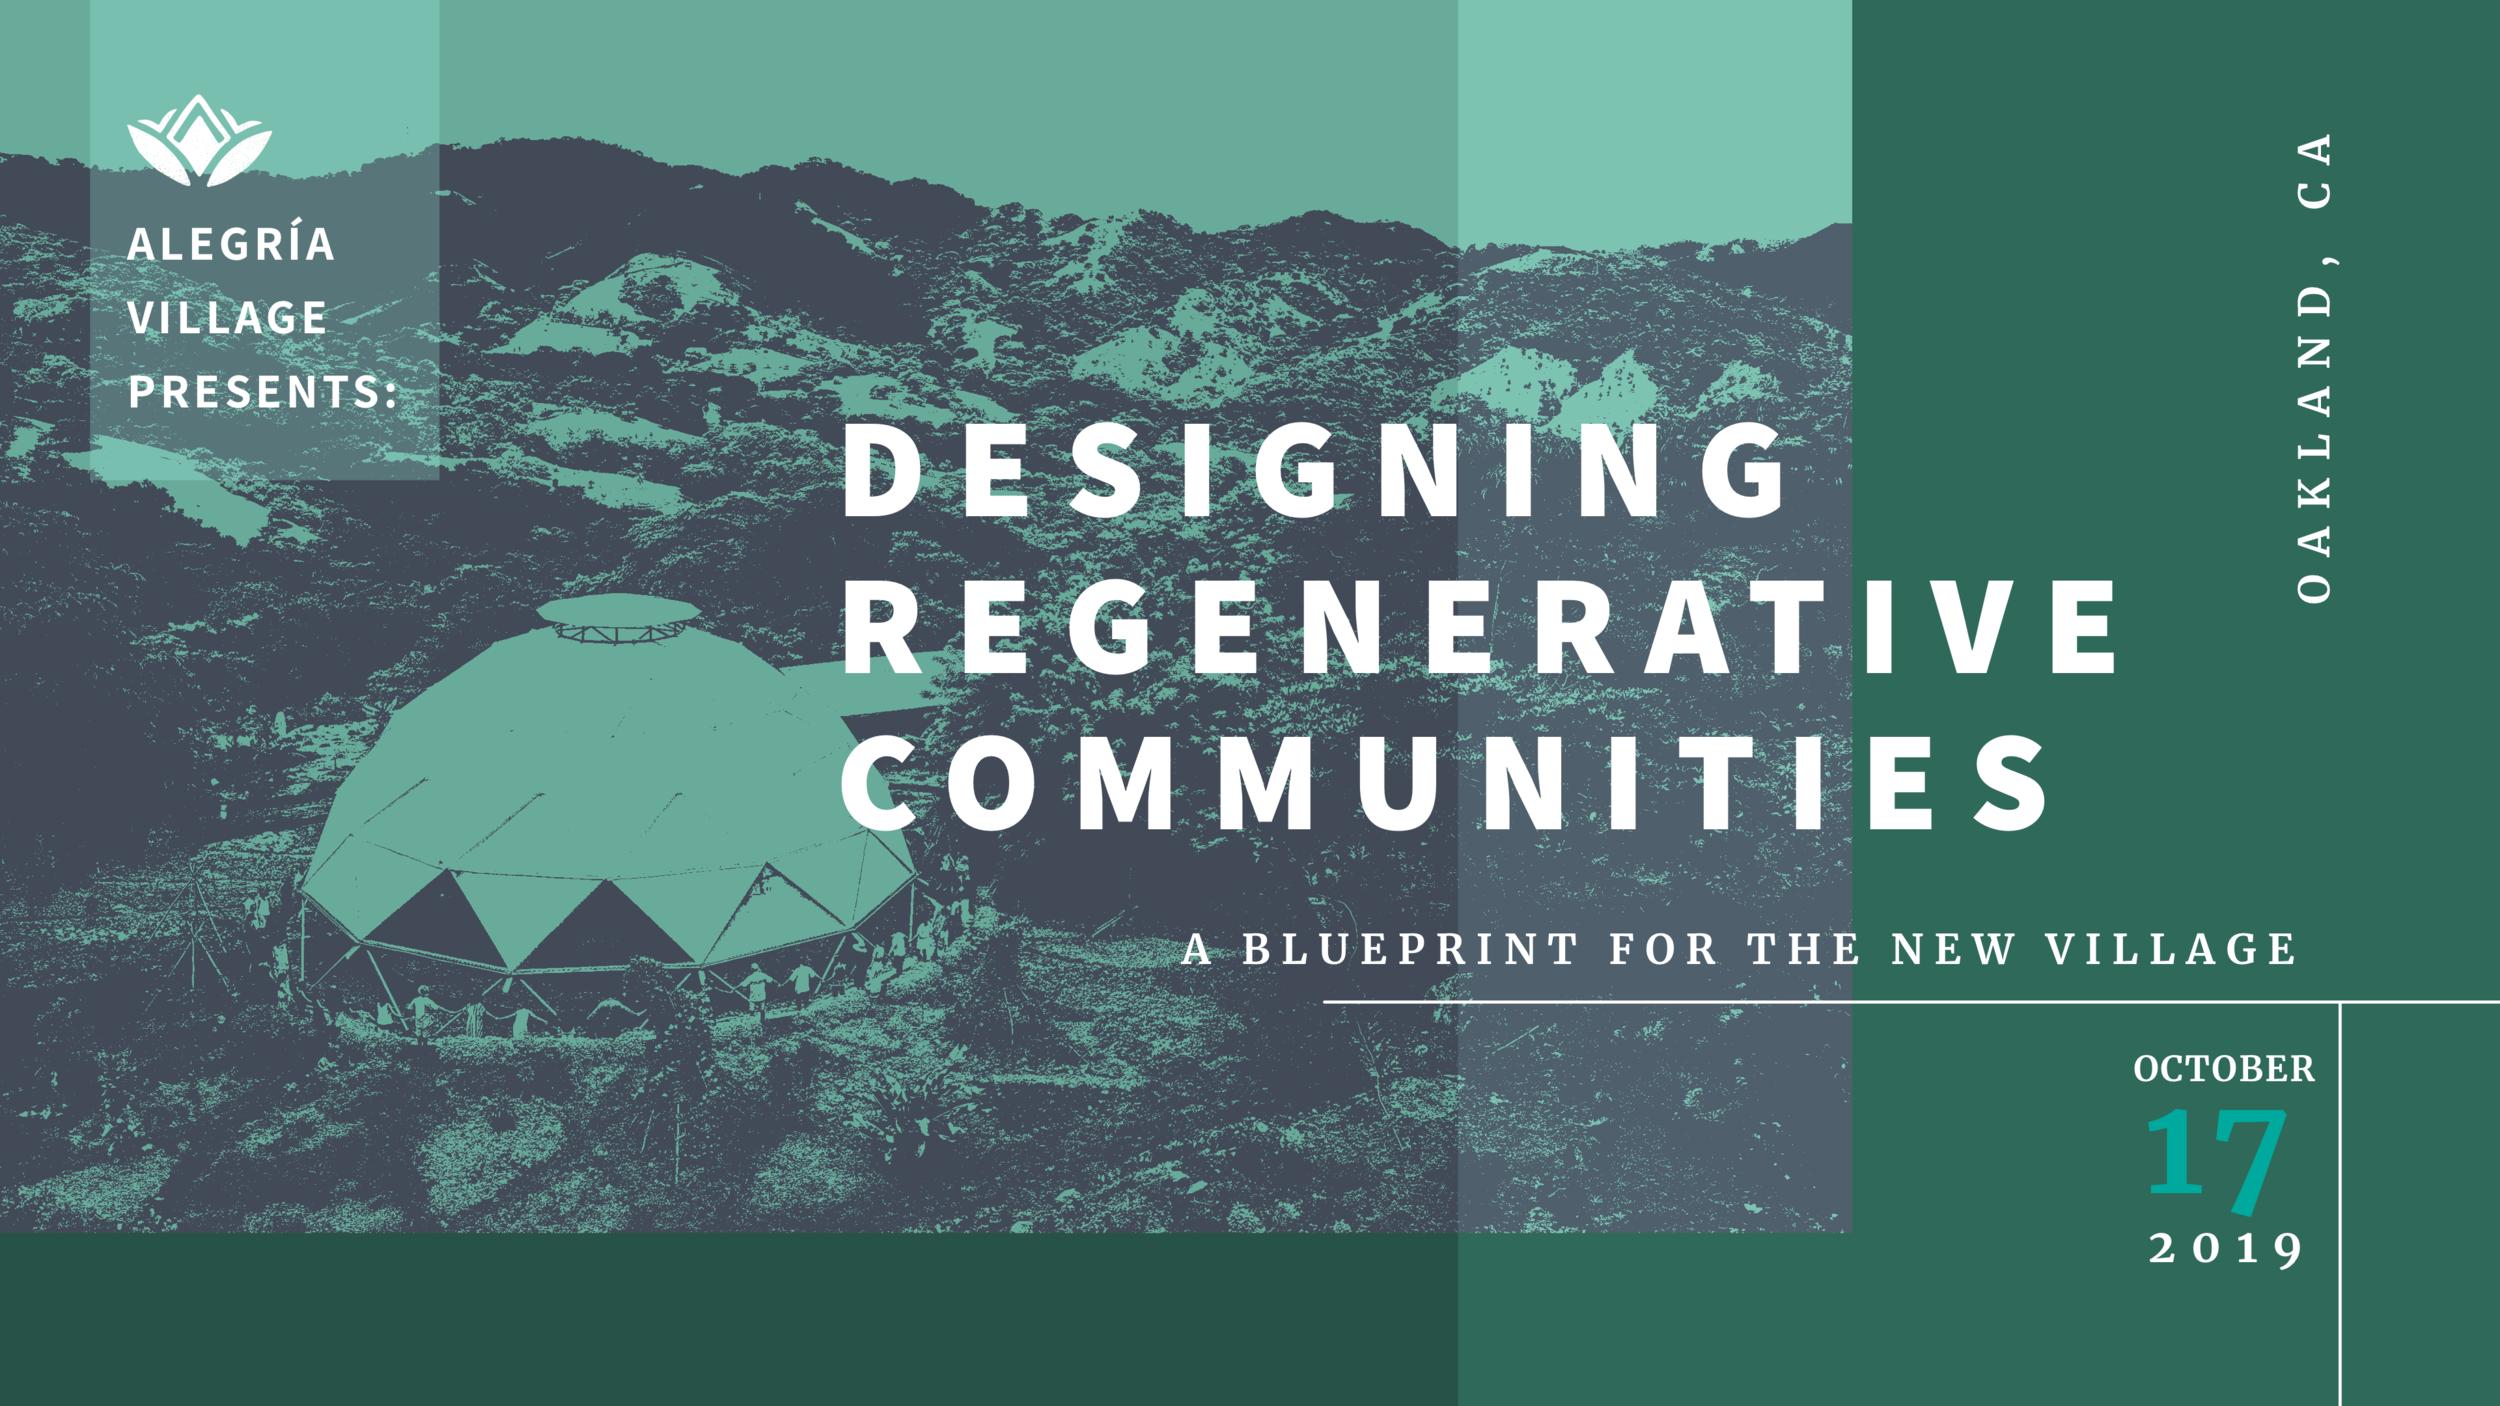 designing-regen-comm-oakland-facebook.png